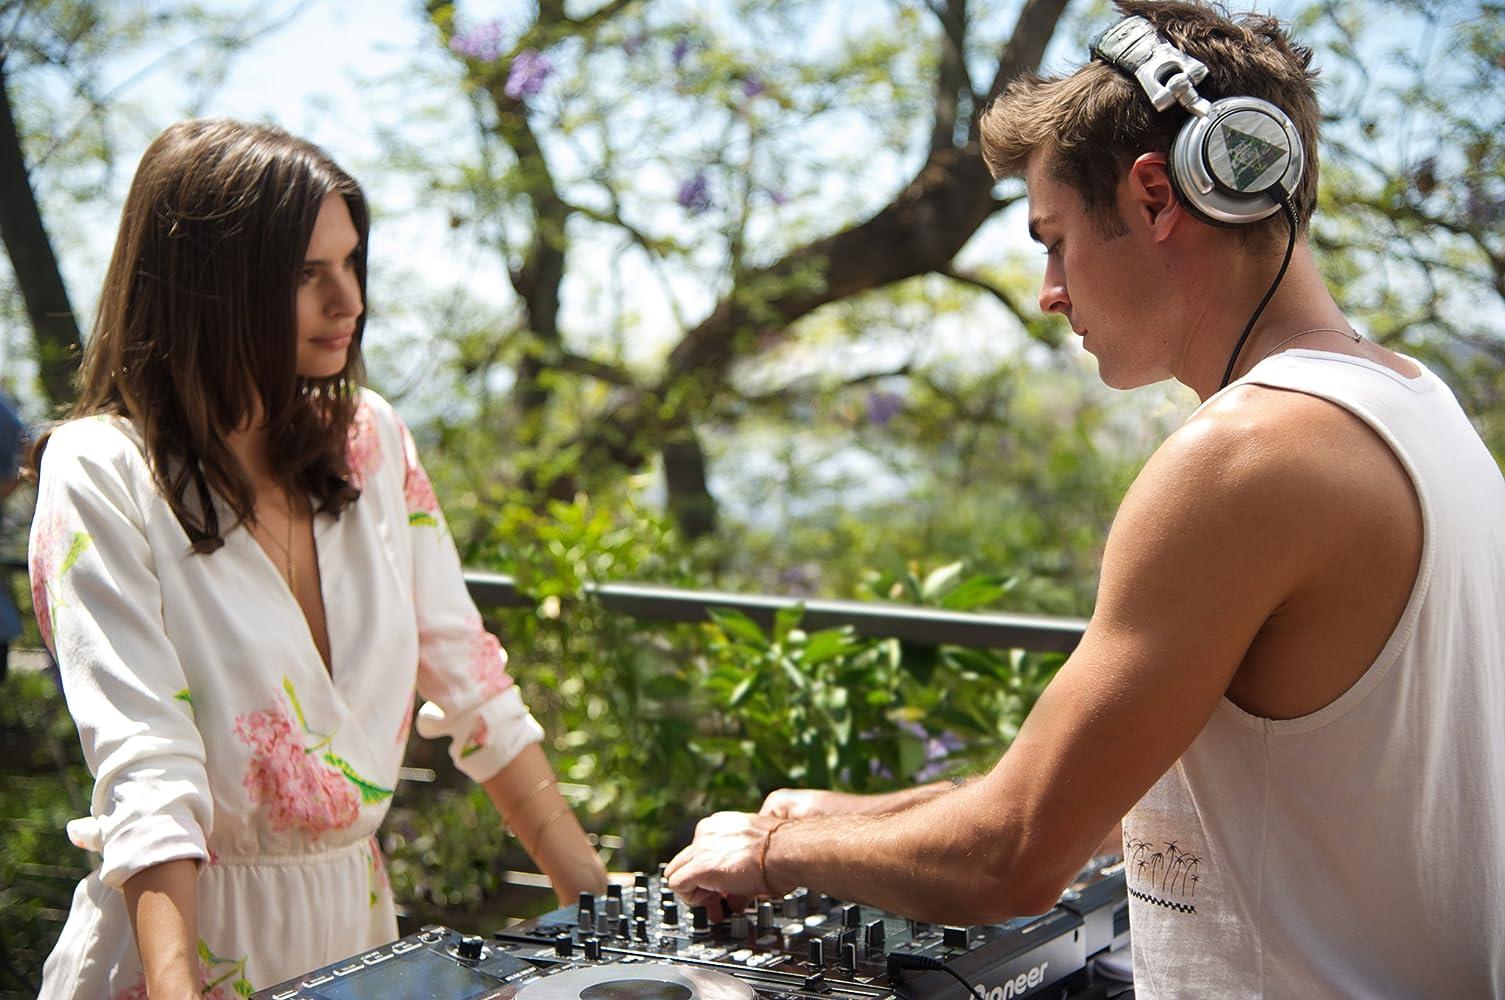 Música, amigos y fiesta (We Are Your Friends)